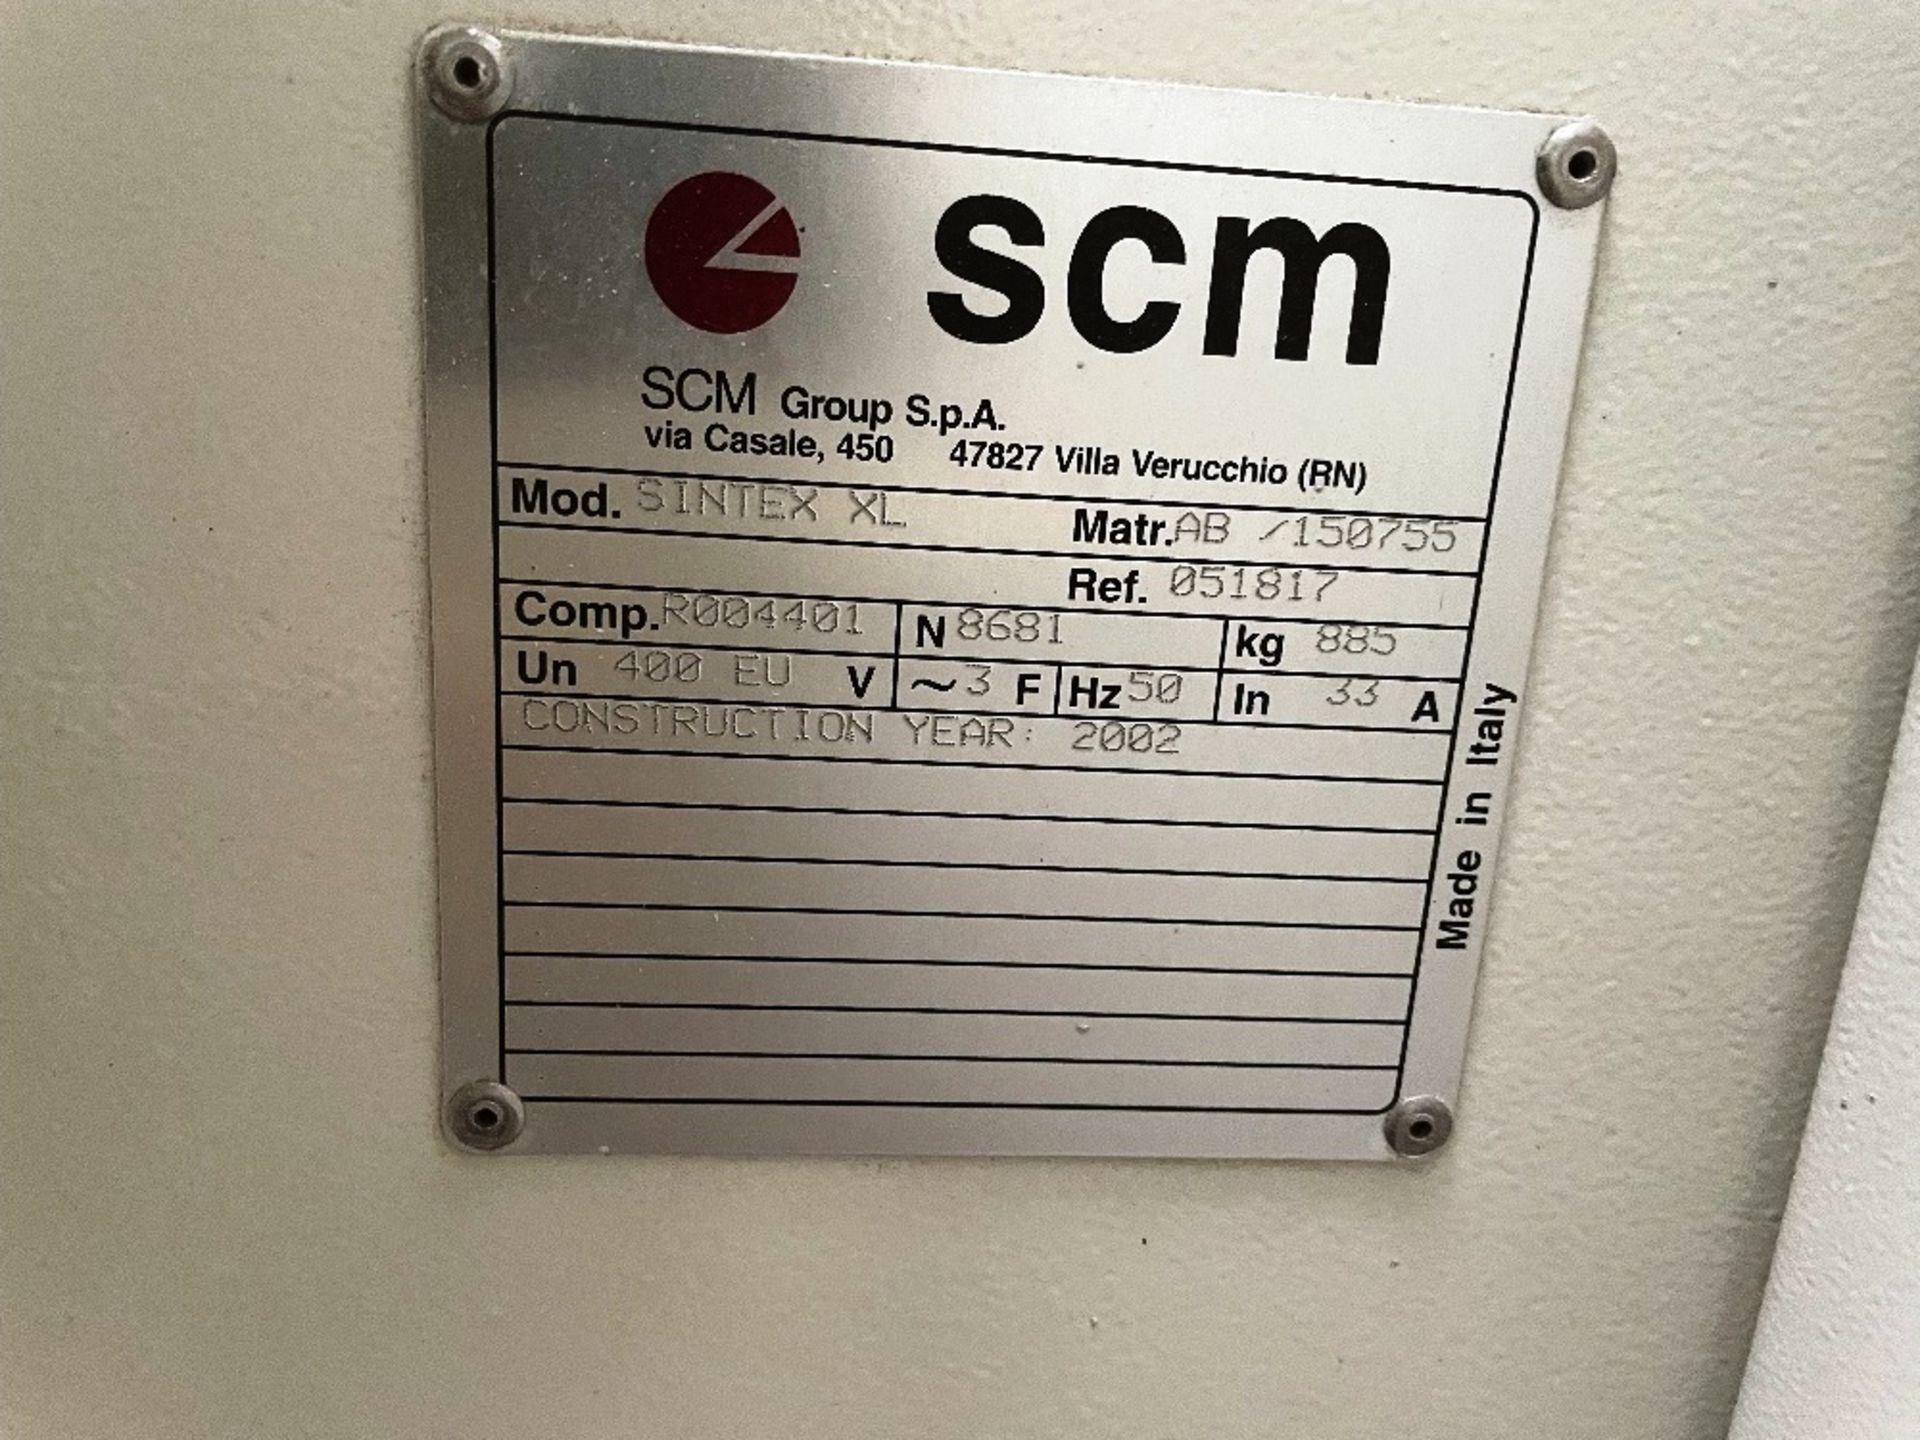 SCM Sintex XL 4 Sided Planer Moulder   YOM: 2002 - Image 2 of 5